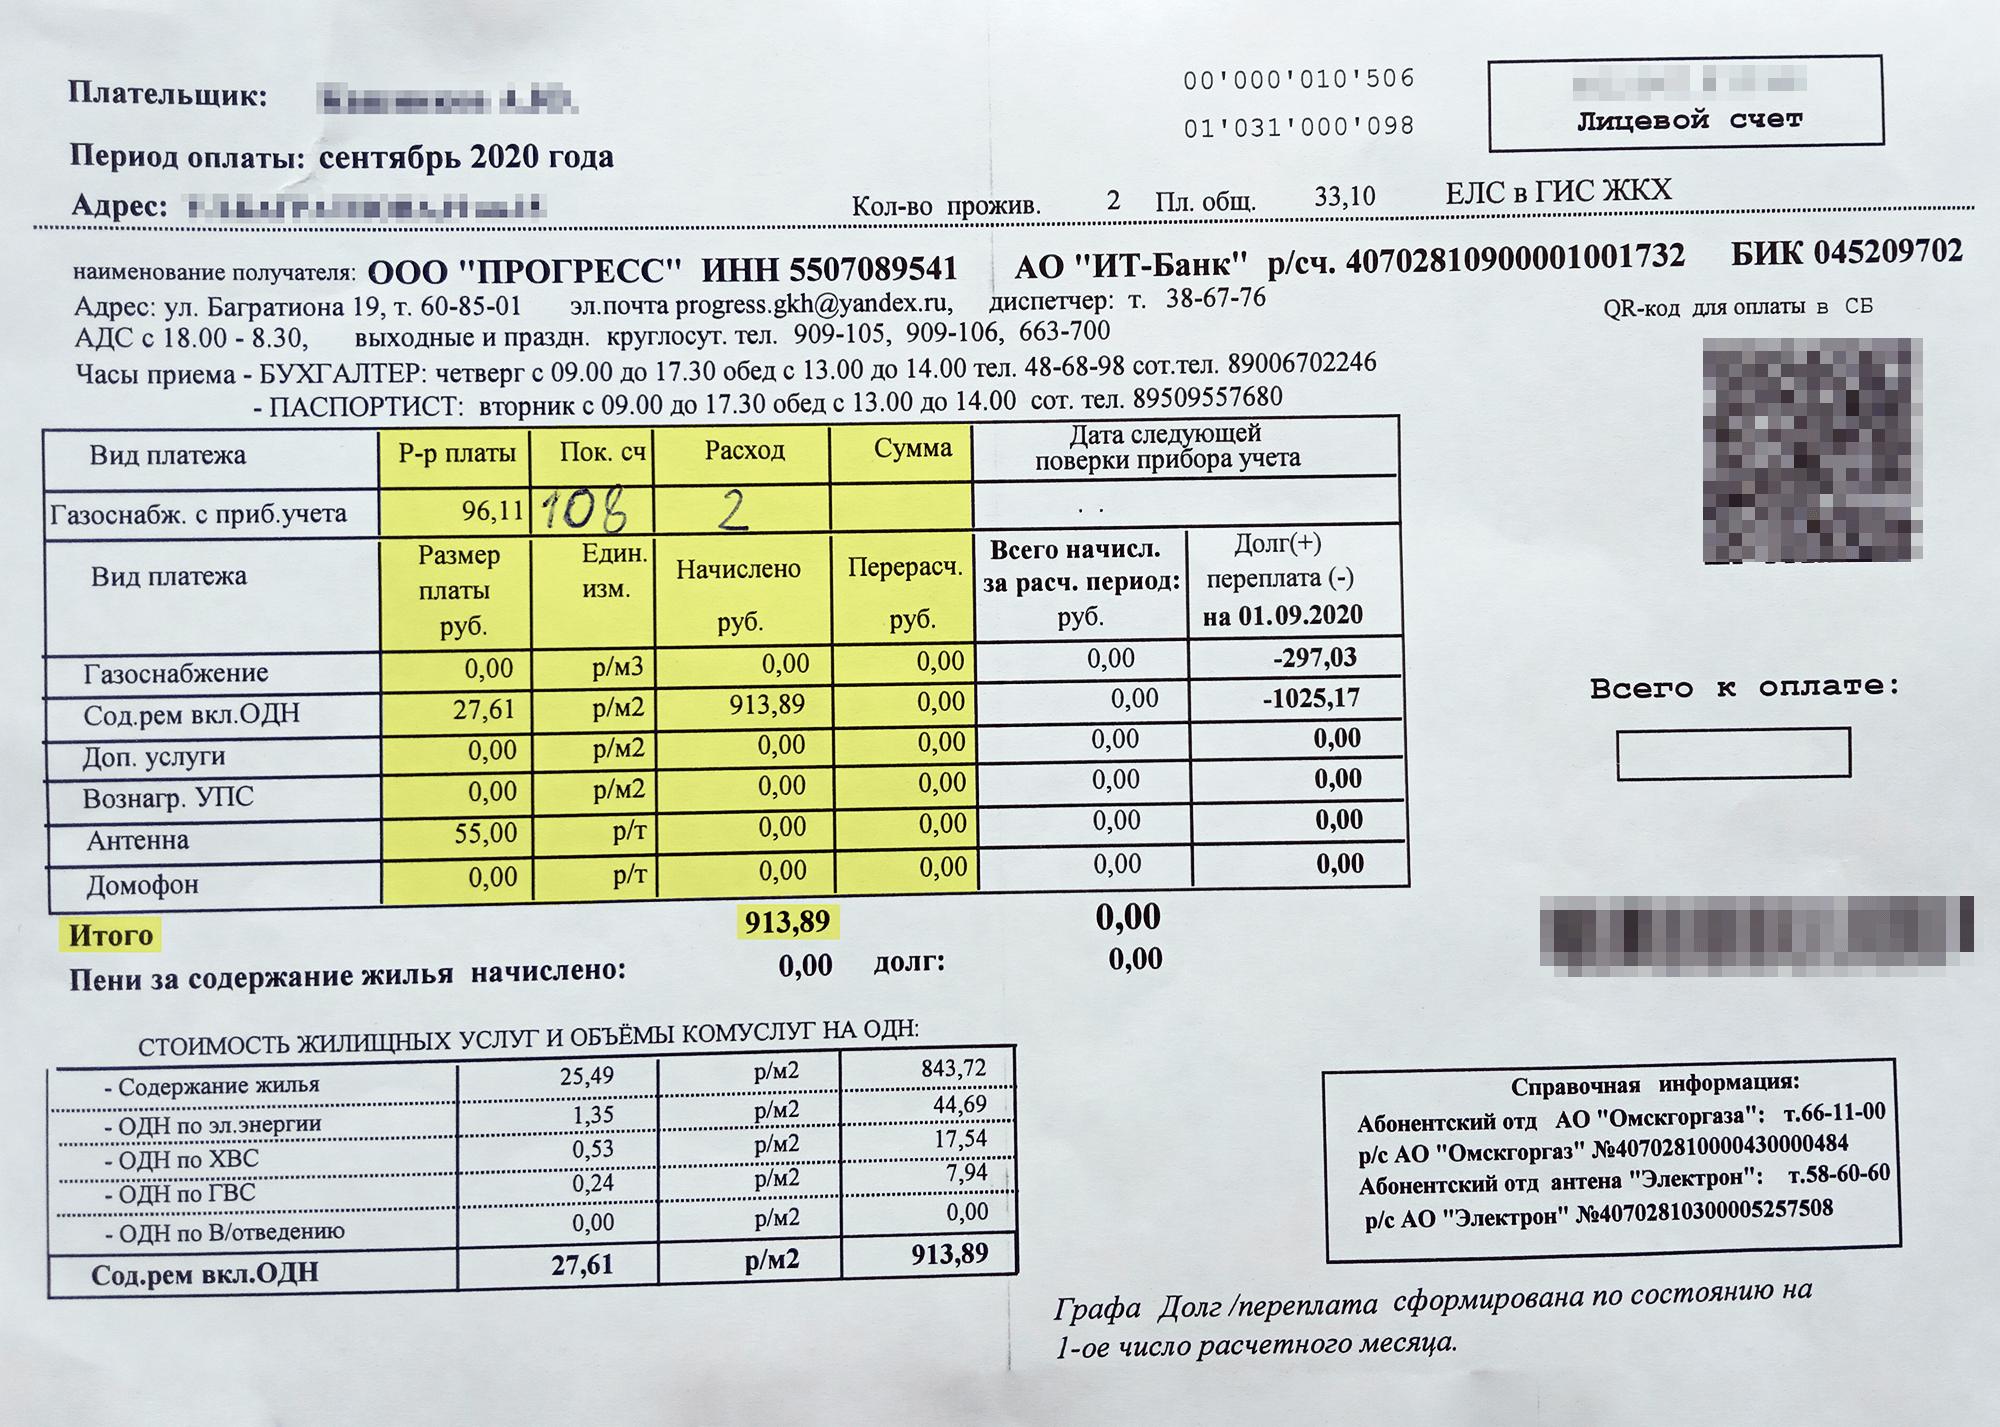 debt tuning 1 1.b0avfvlwnmd1 - Как узнать есть ли долги по коммуналке